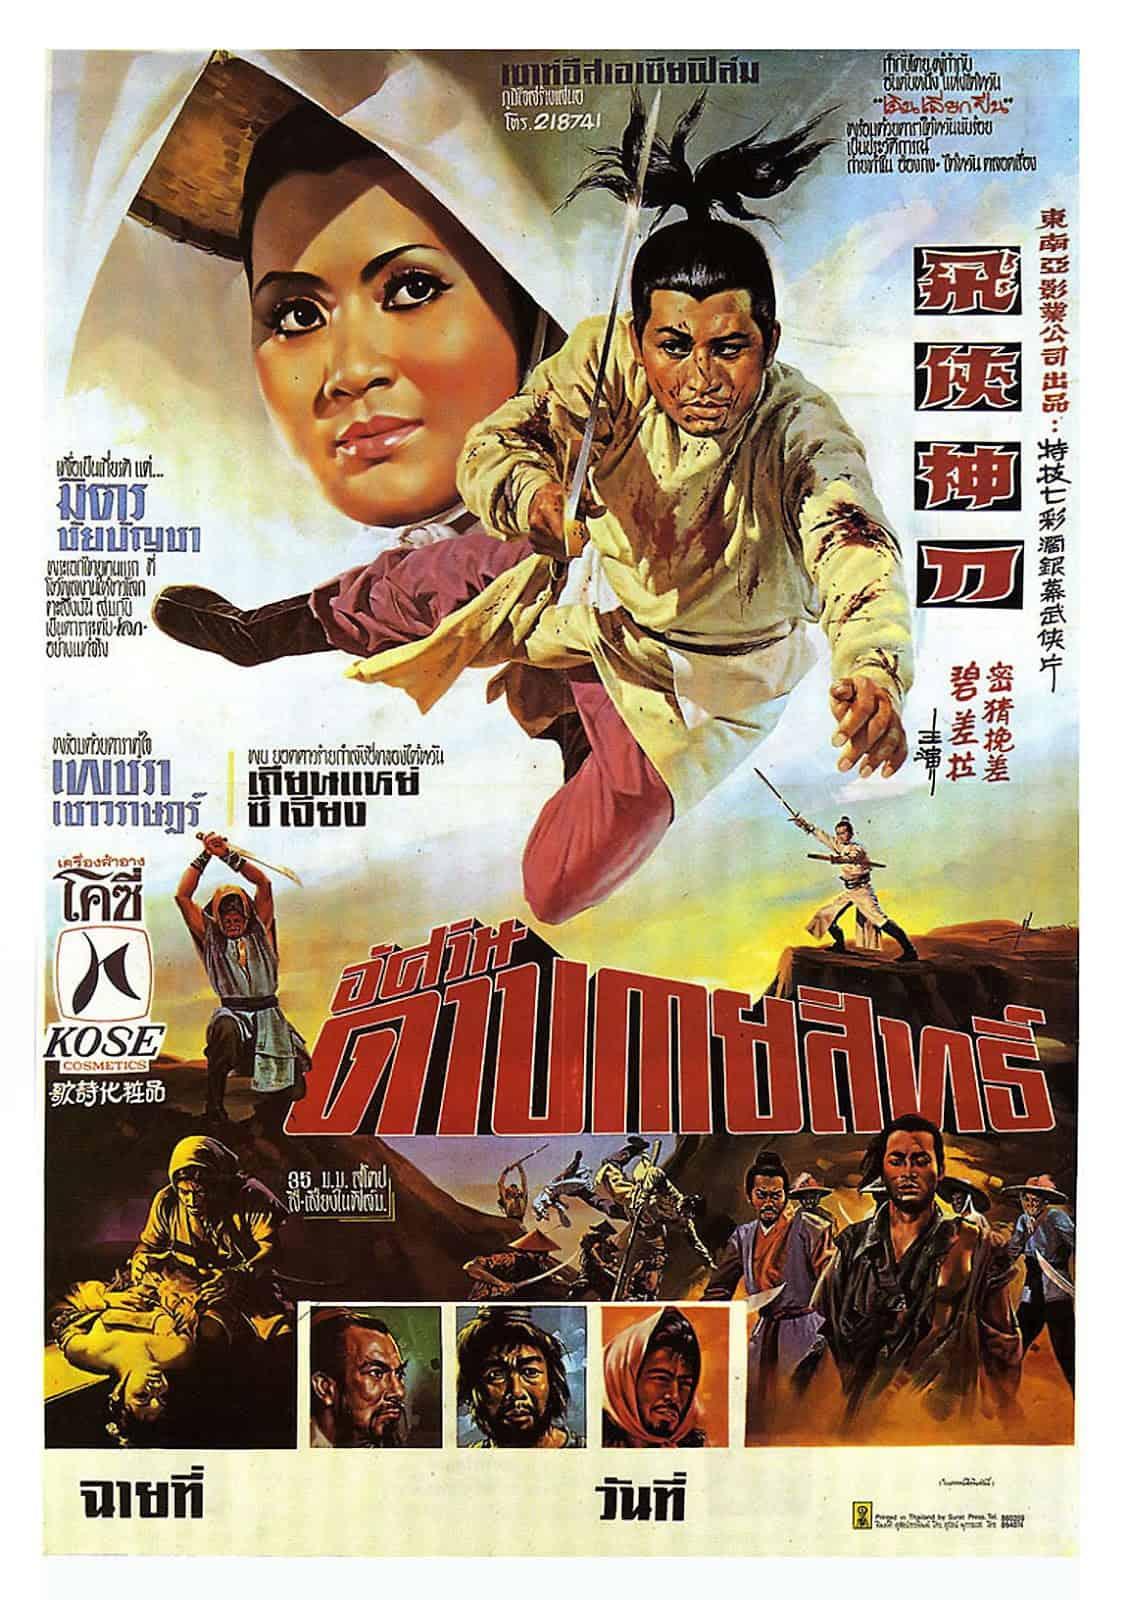 Flyer & Magic Sword (1971) อัศวินดาบกายสิทธิ์